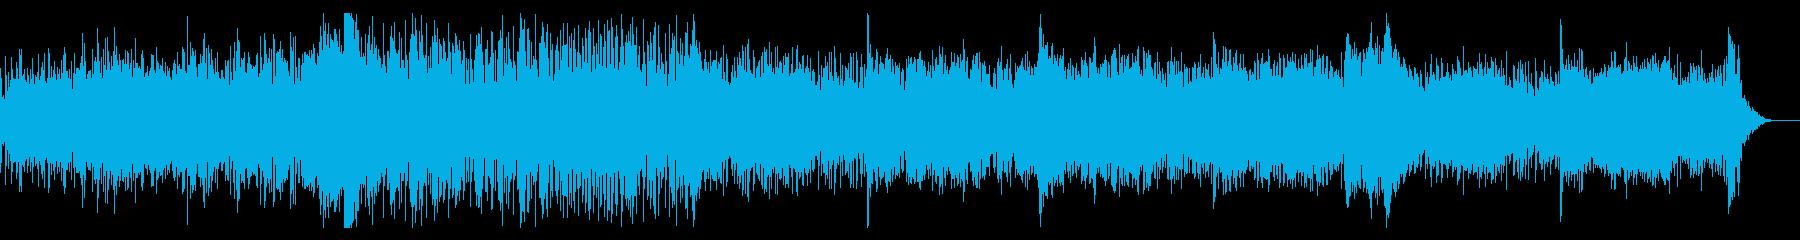 サイバーなシネマティックアンビエントの再生済みの波形